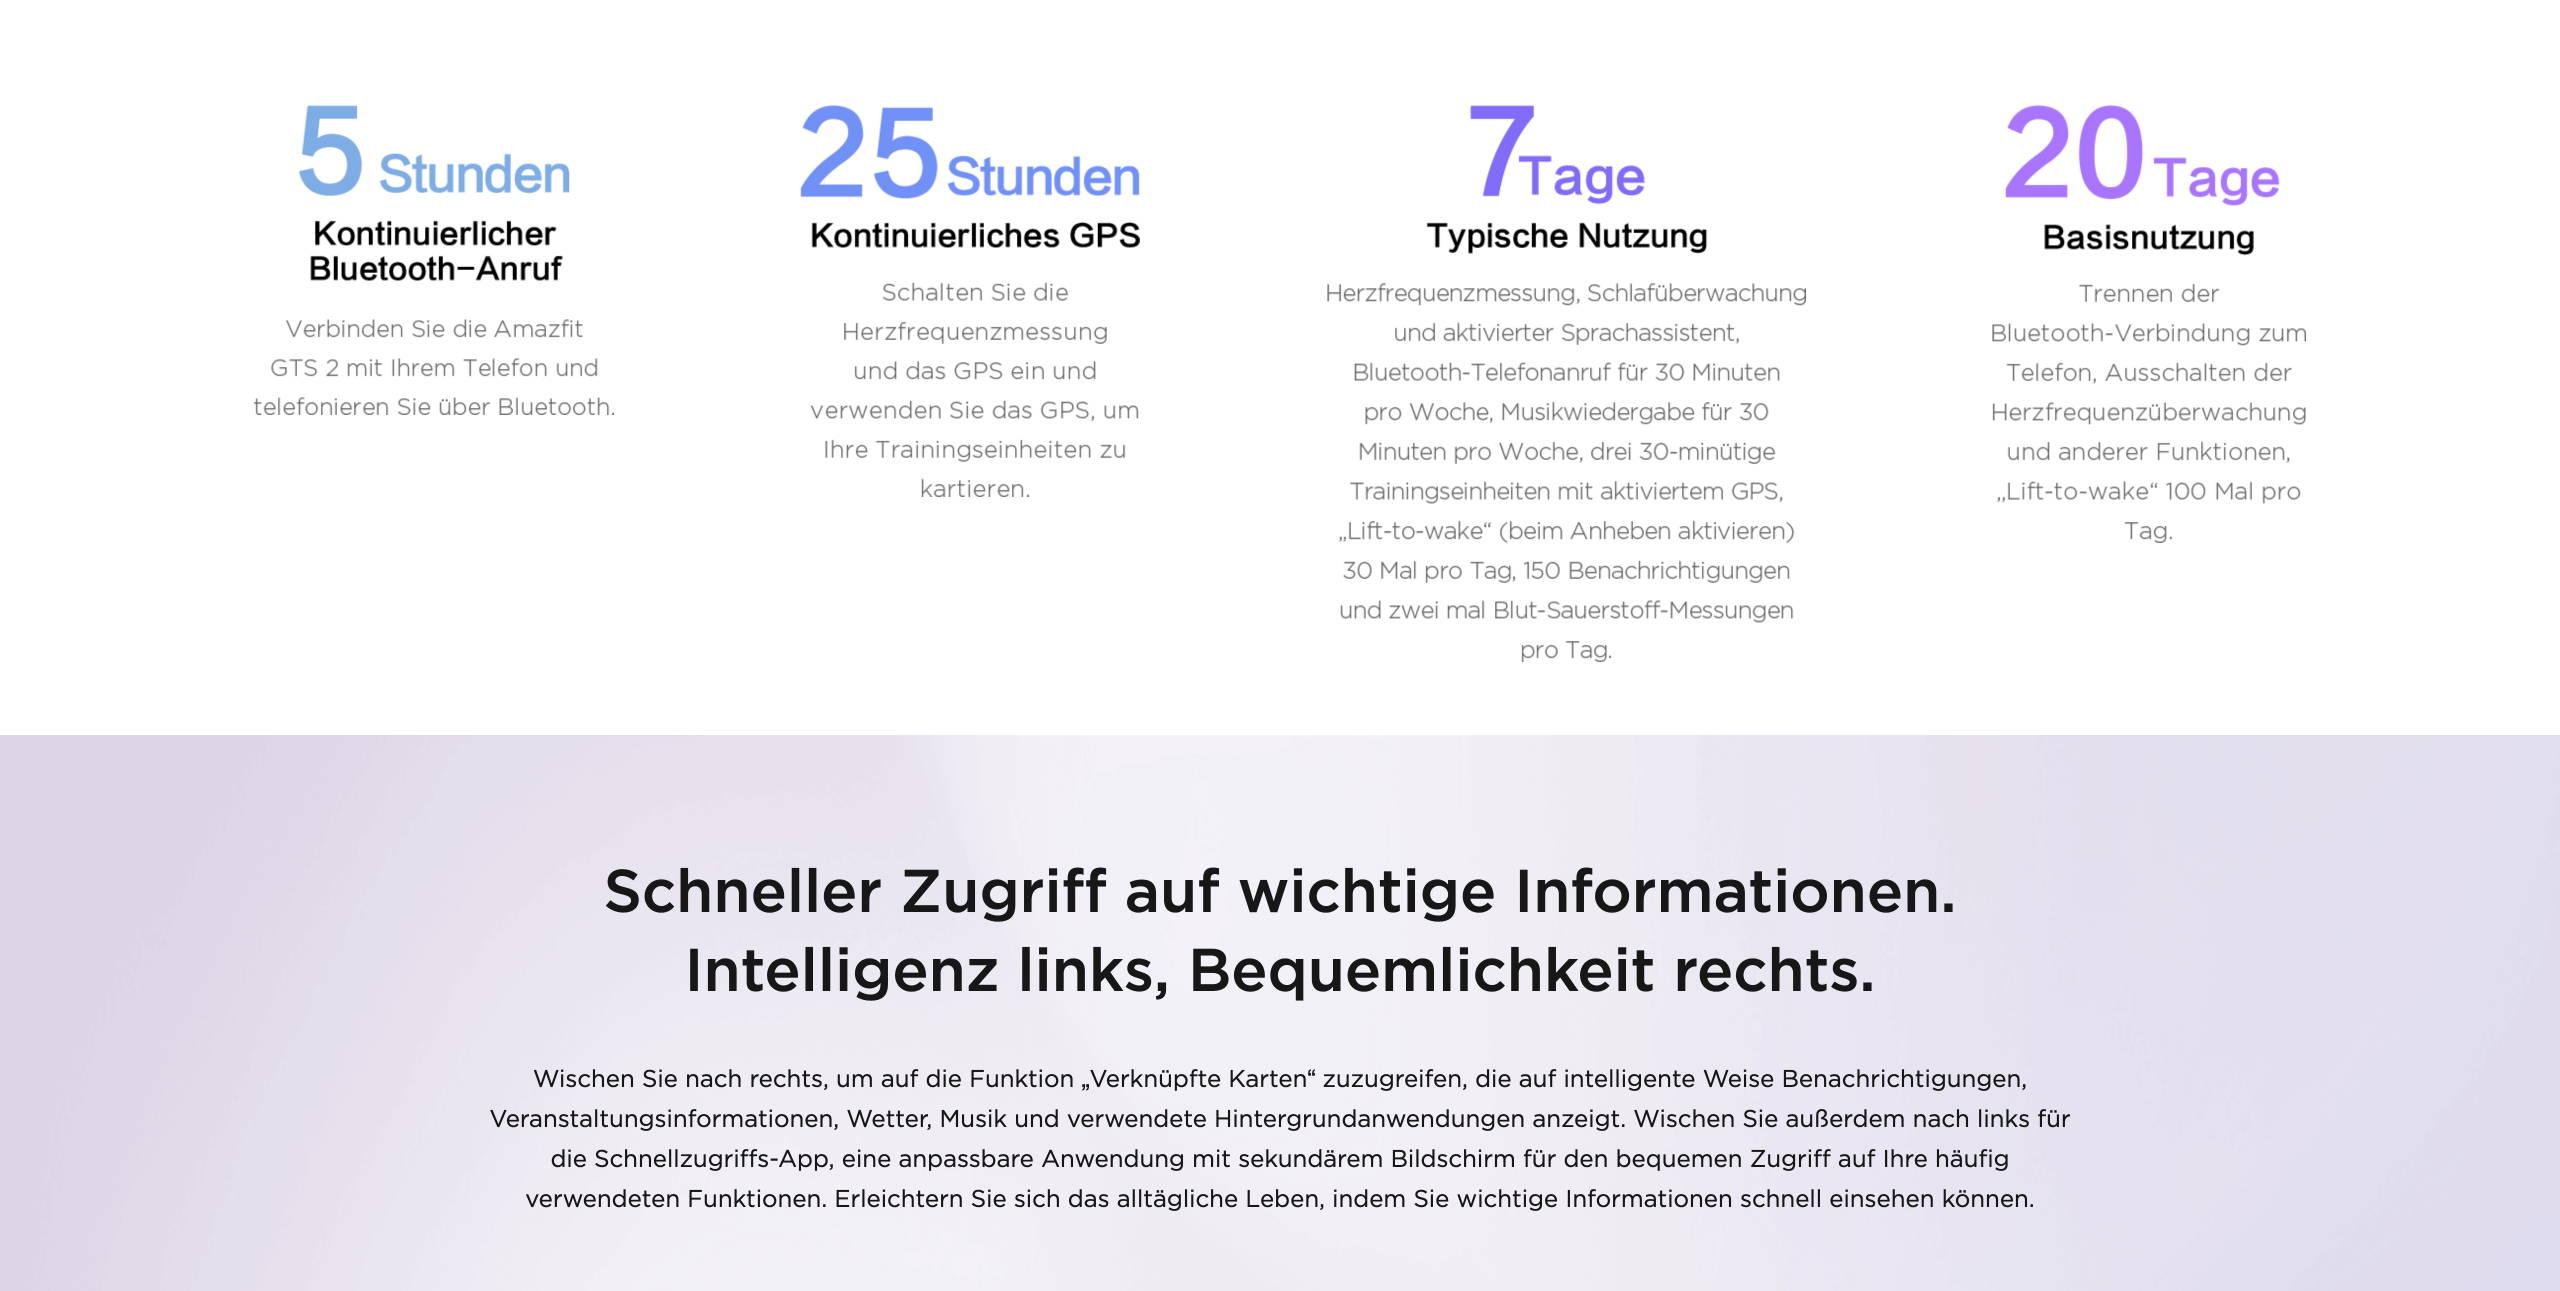 Amazfit GTS 2 - Schneller Zugriff auf wichtige Informationen. Intelligenz links, Bequemlichkeit rechts.